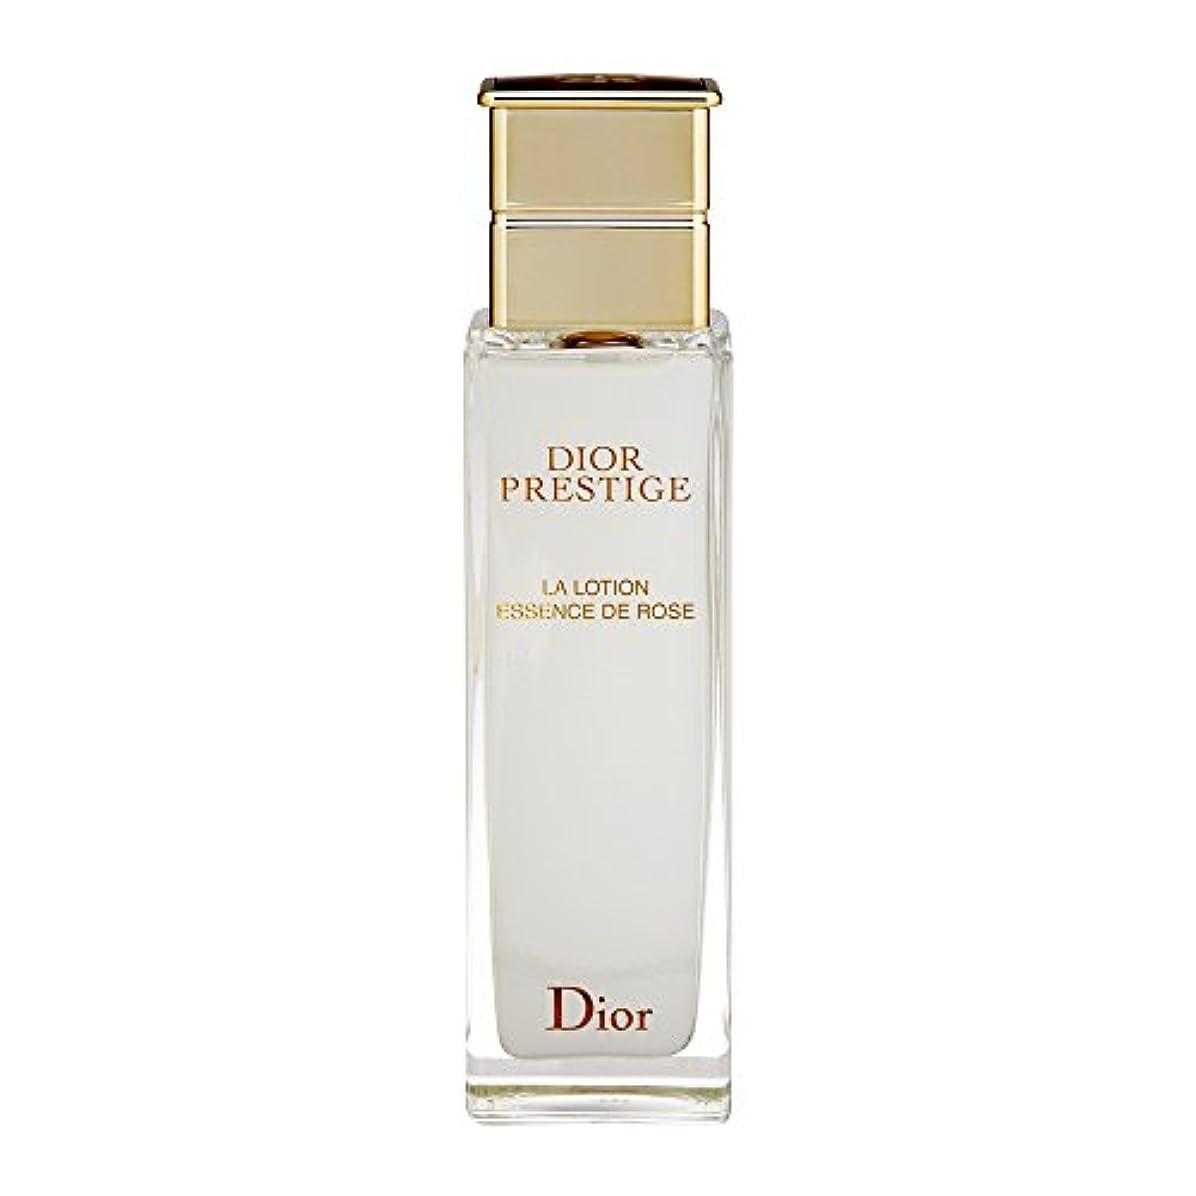 告白しなやかあまりにもディオール(Dior) プレステージ ラ ローション 150ml[並行輸入品]